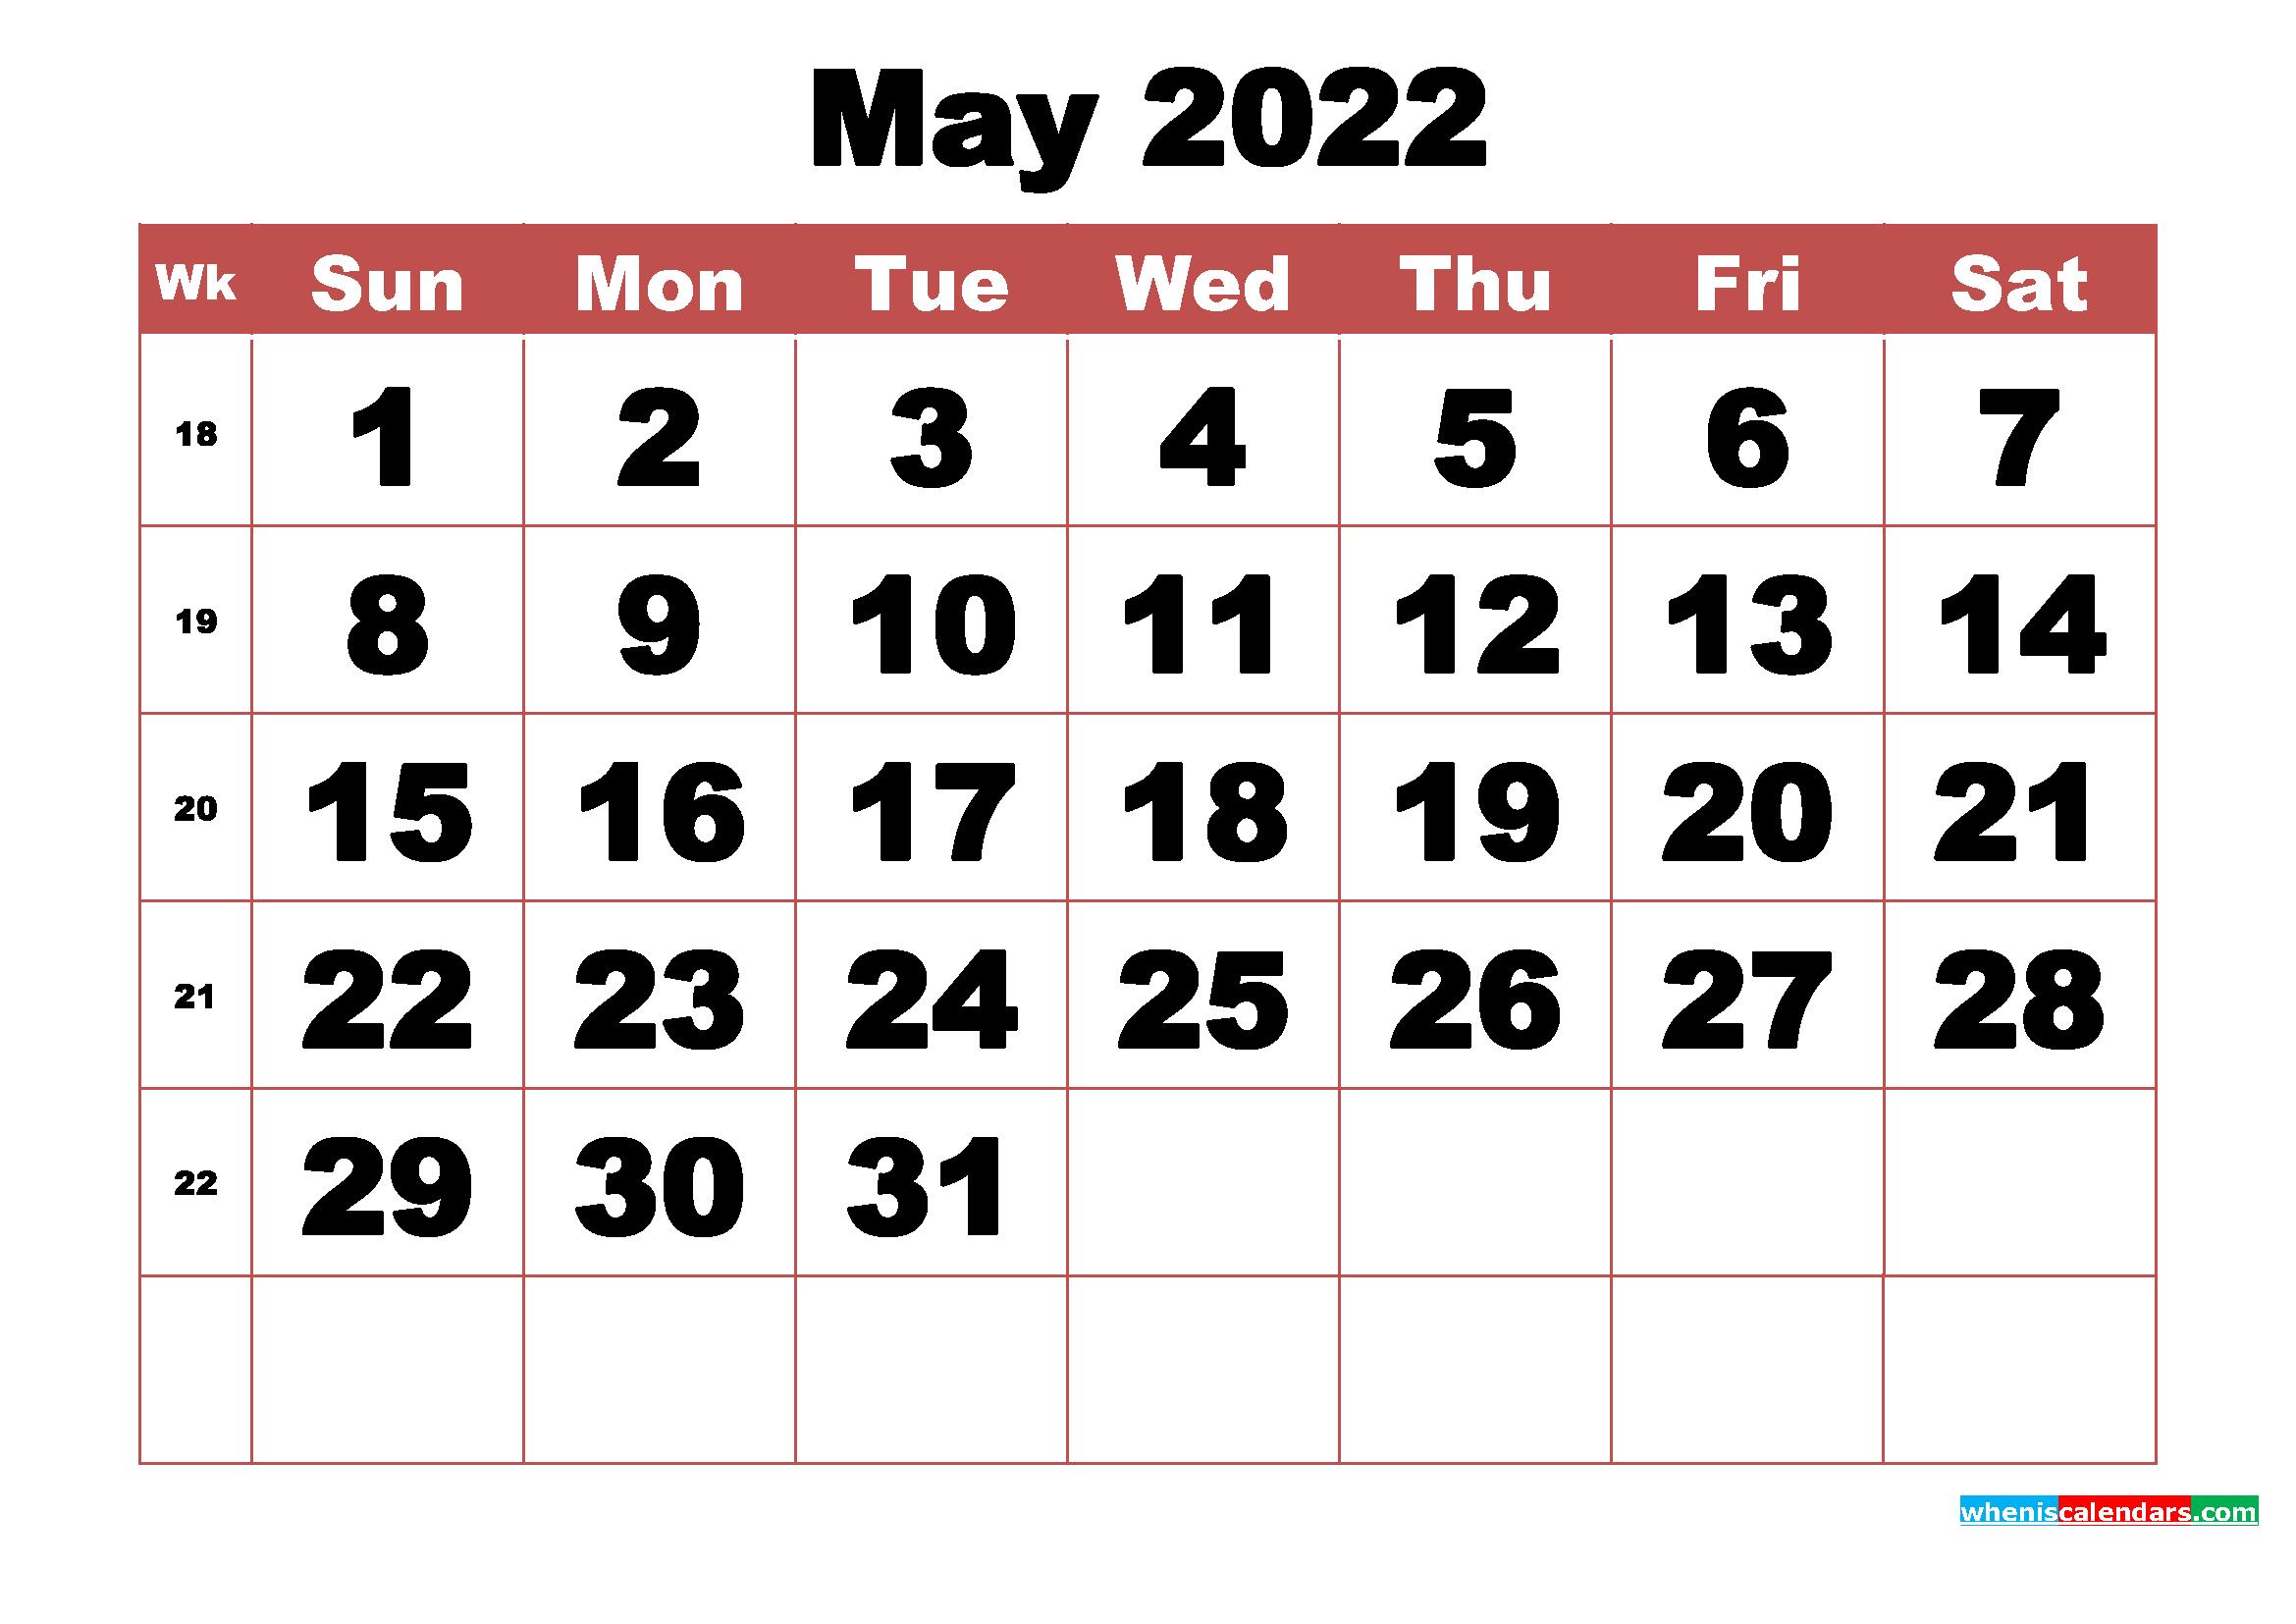 Free Printable May 2022 Calendar With Week Numbers - Free